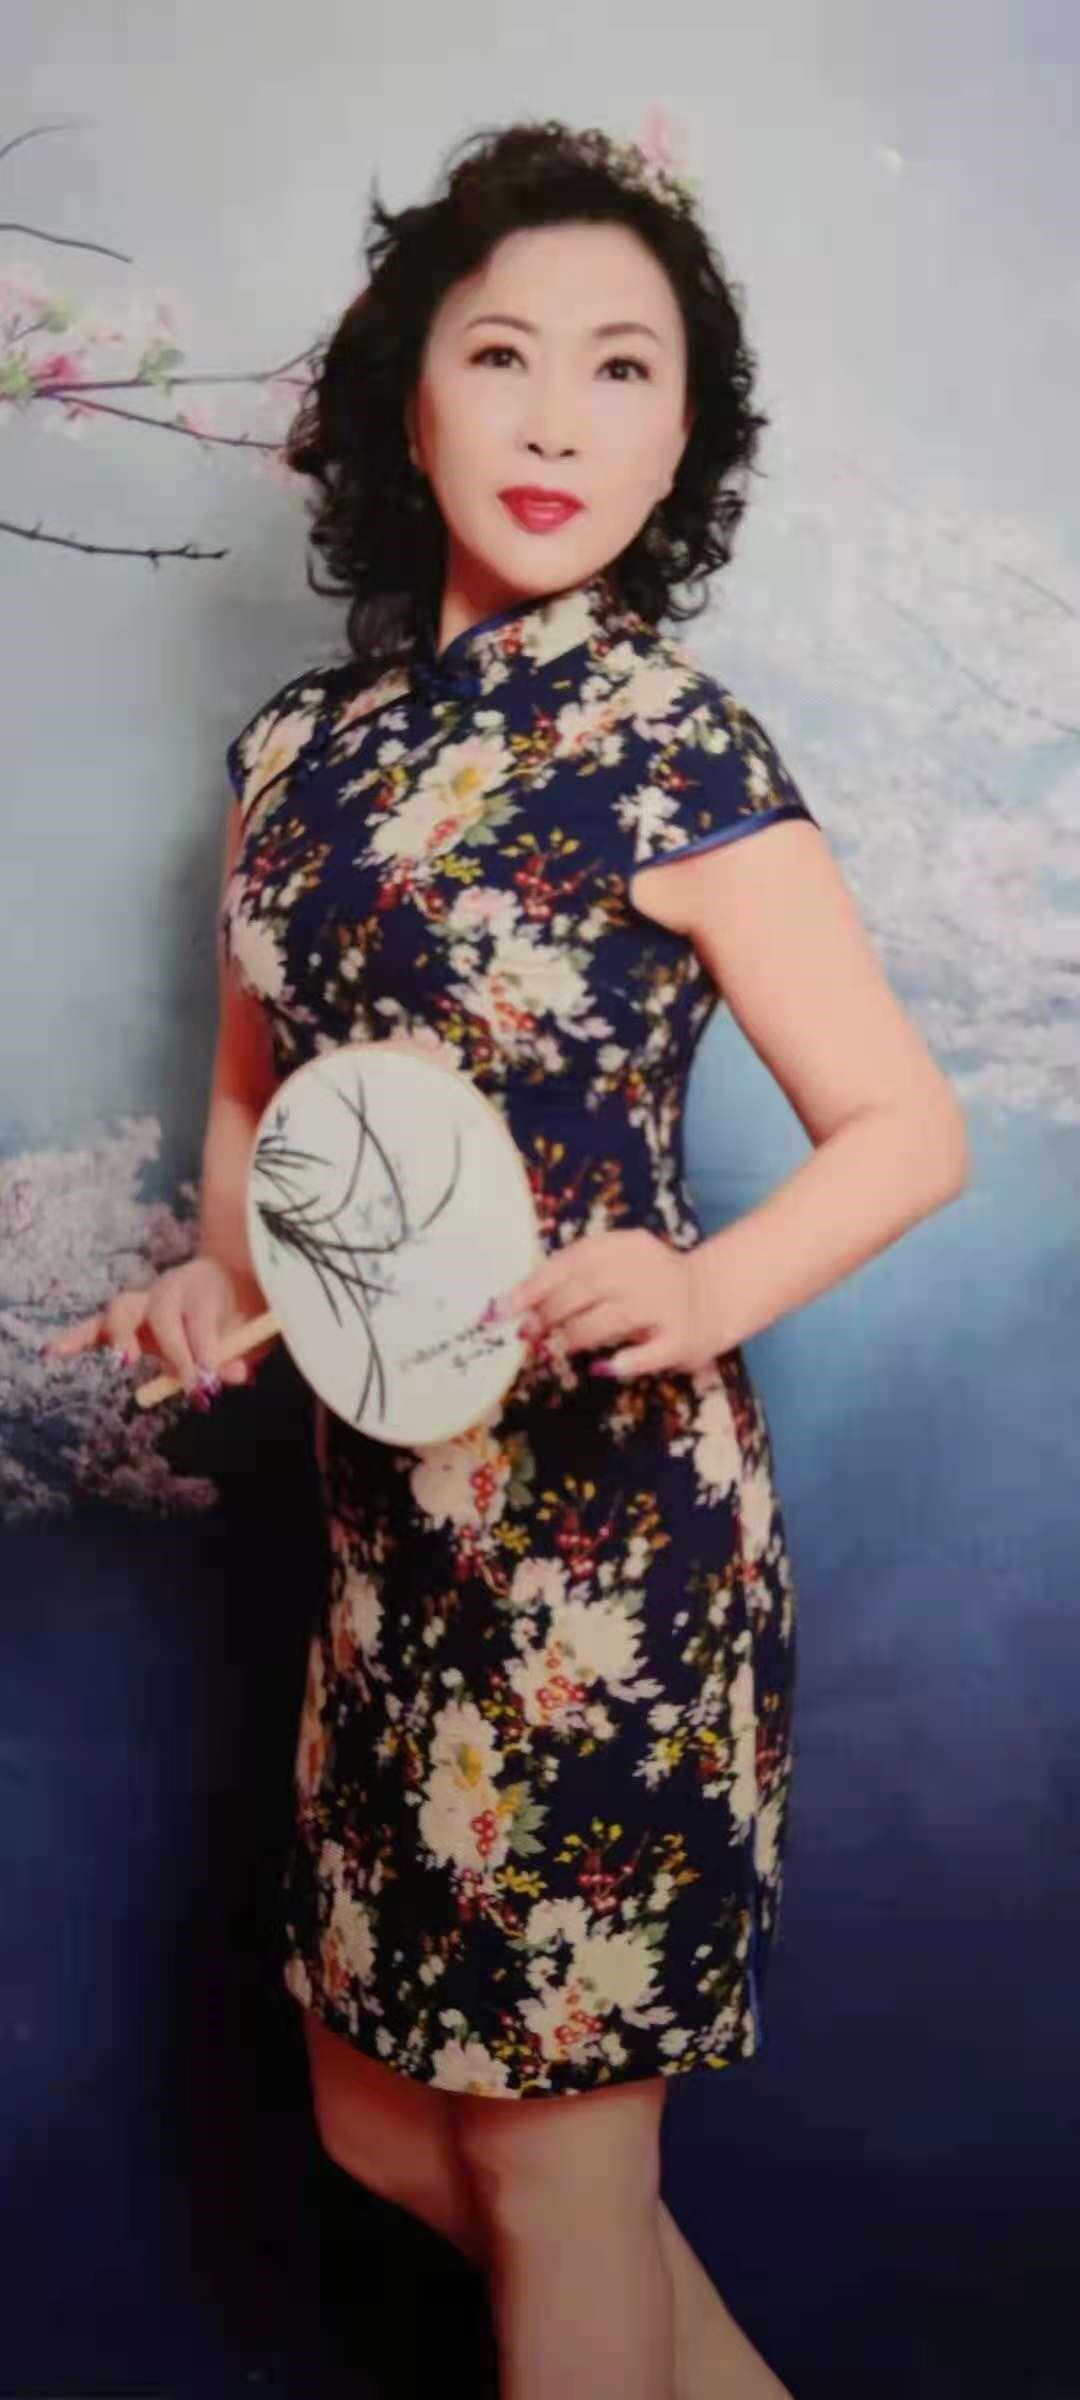 《大松说画》画家朱玉梅的胜利——对绘画的坚持